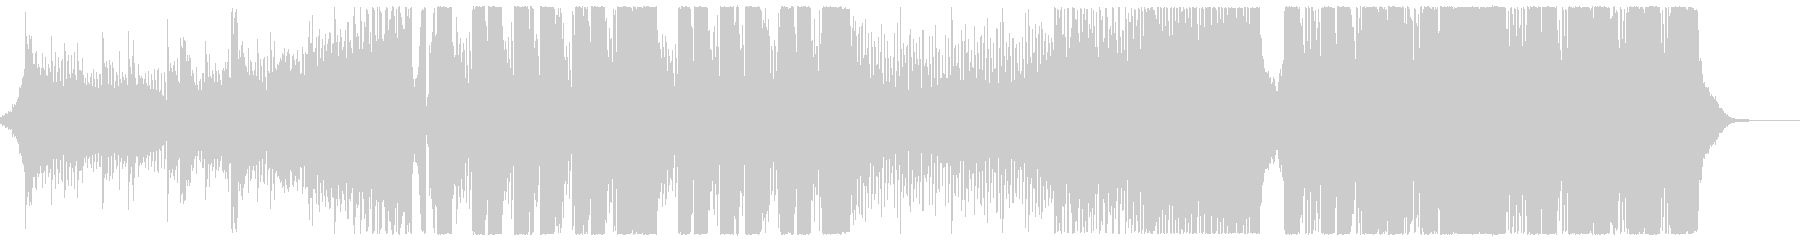 ワクワク感のあるダブステ曲の未再生の波形